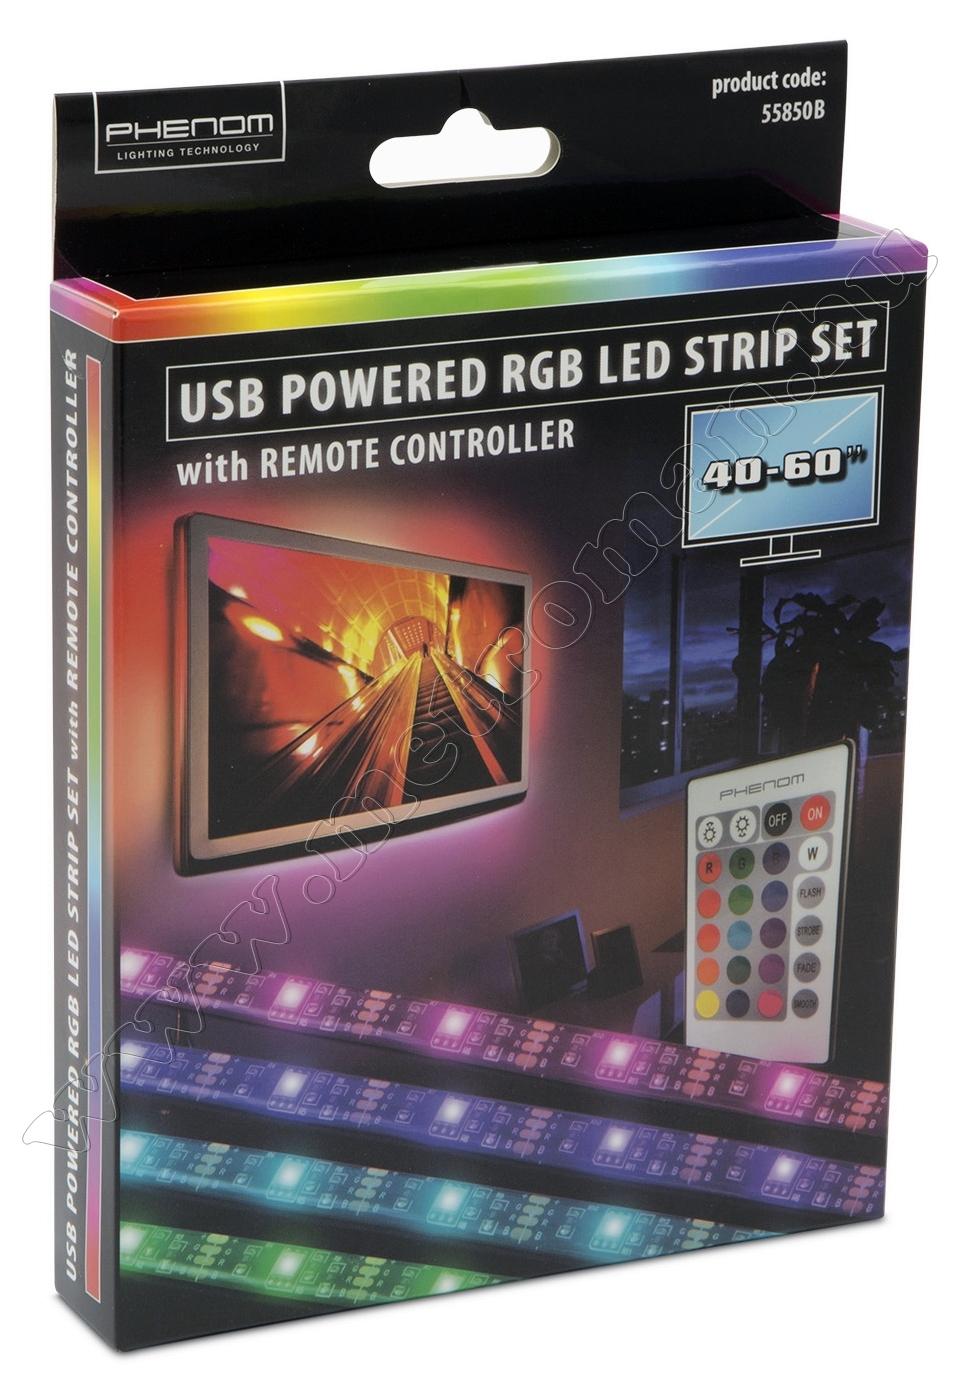 """LED szalag szett, TV háttérvilágítás 40-60"""" 55850B"""